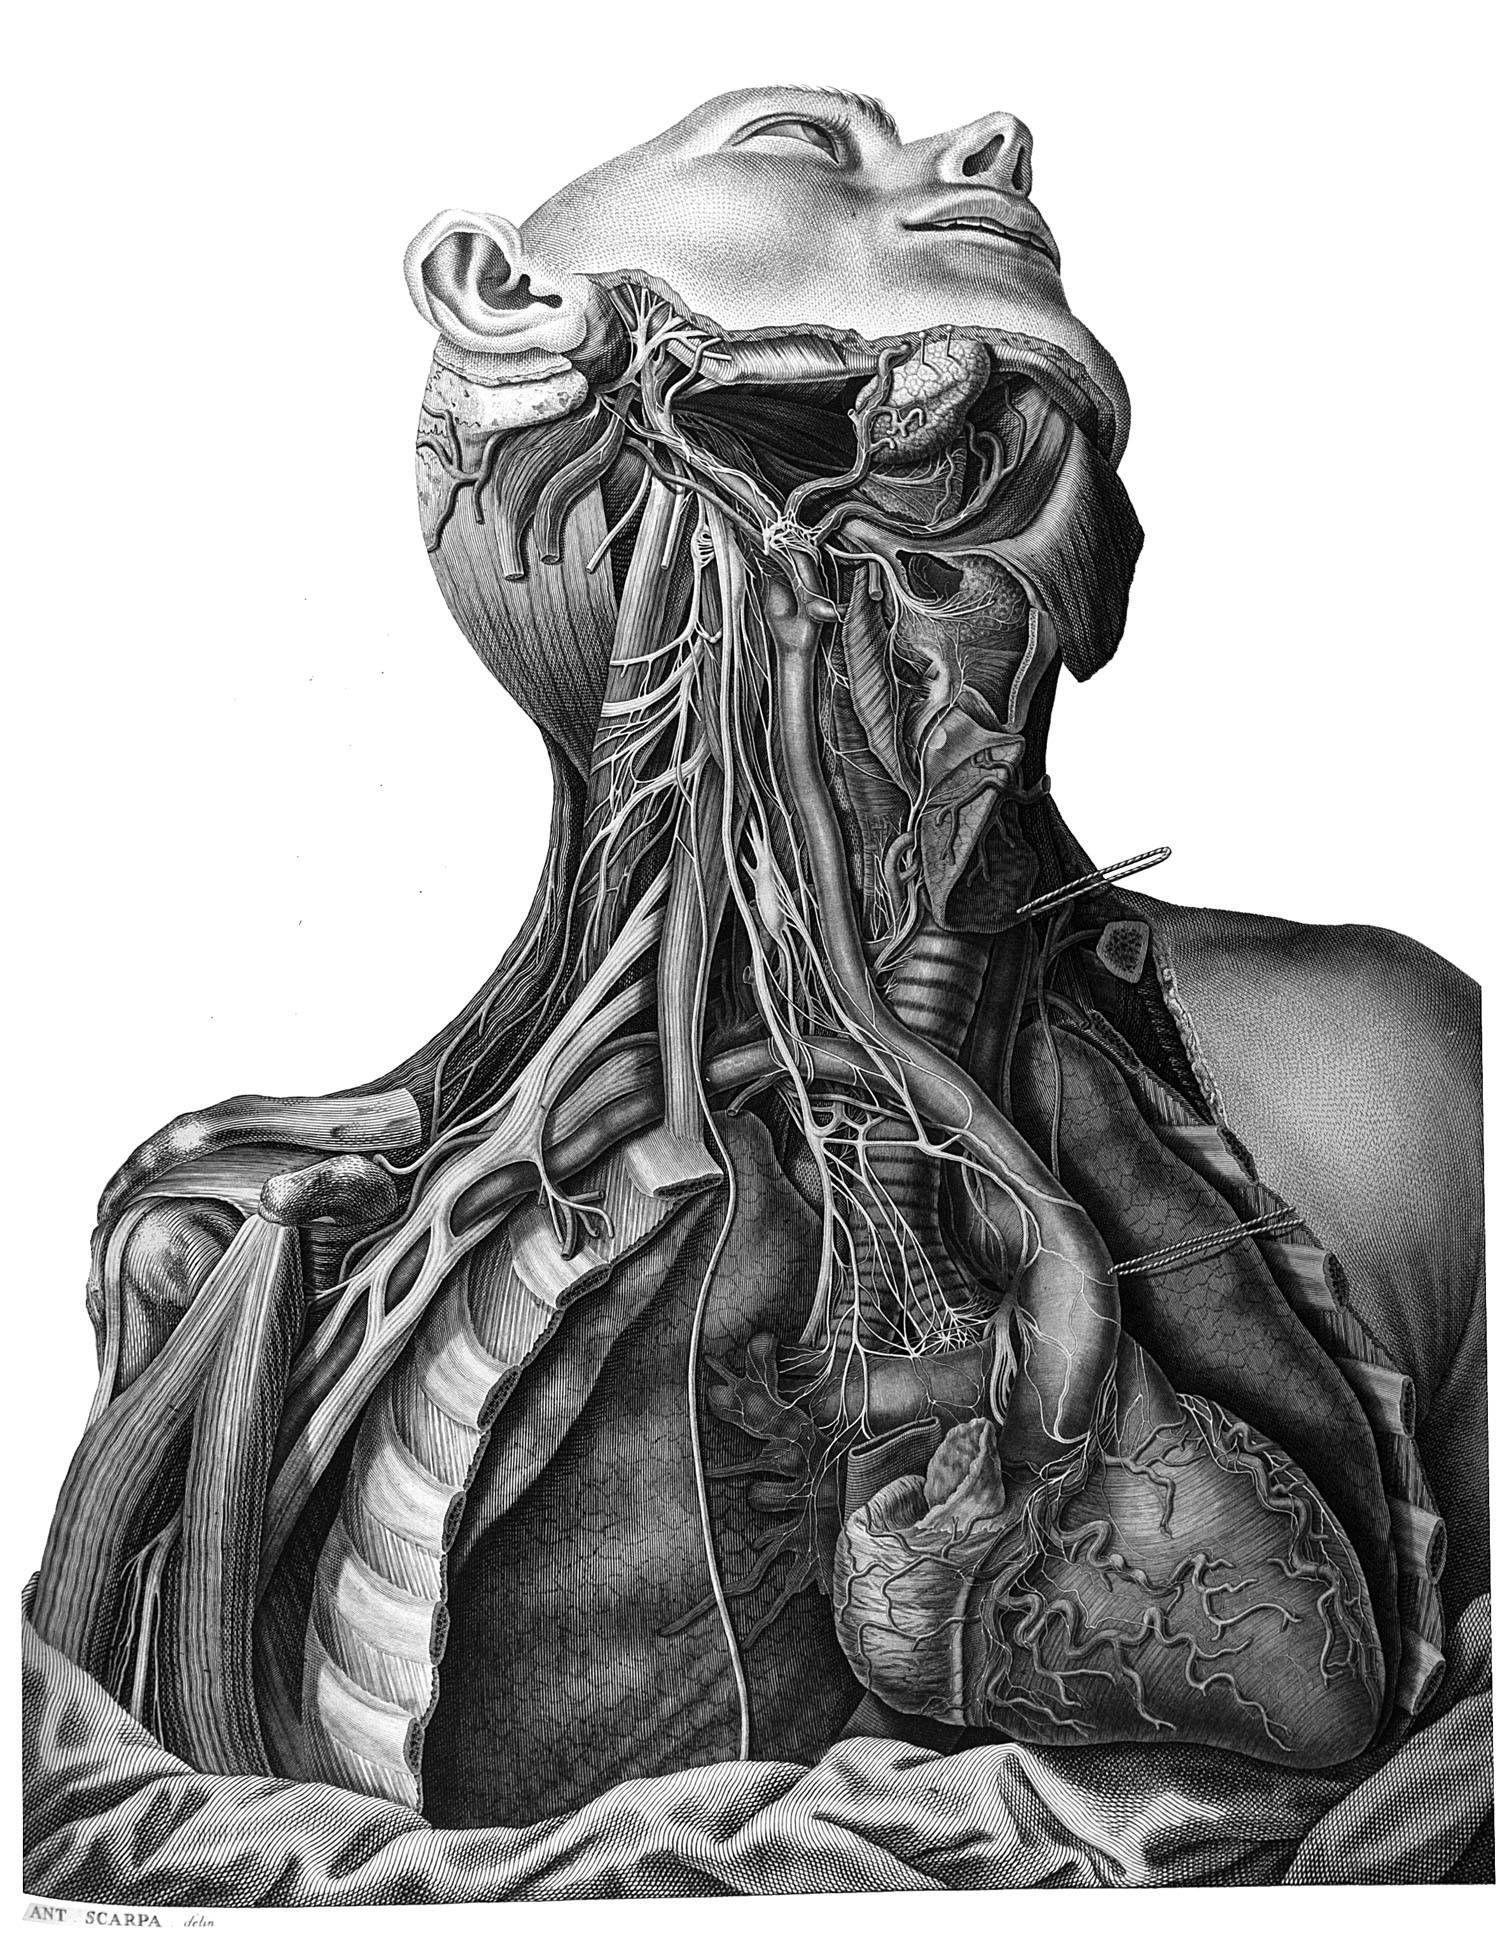 Sull' aneurisma. Riflessioni ed osservazioni anatomico-chirurgiche      Antonio Scarpa, 1804